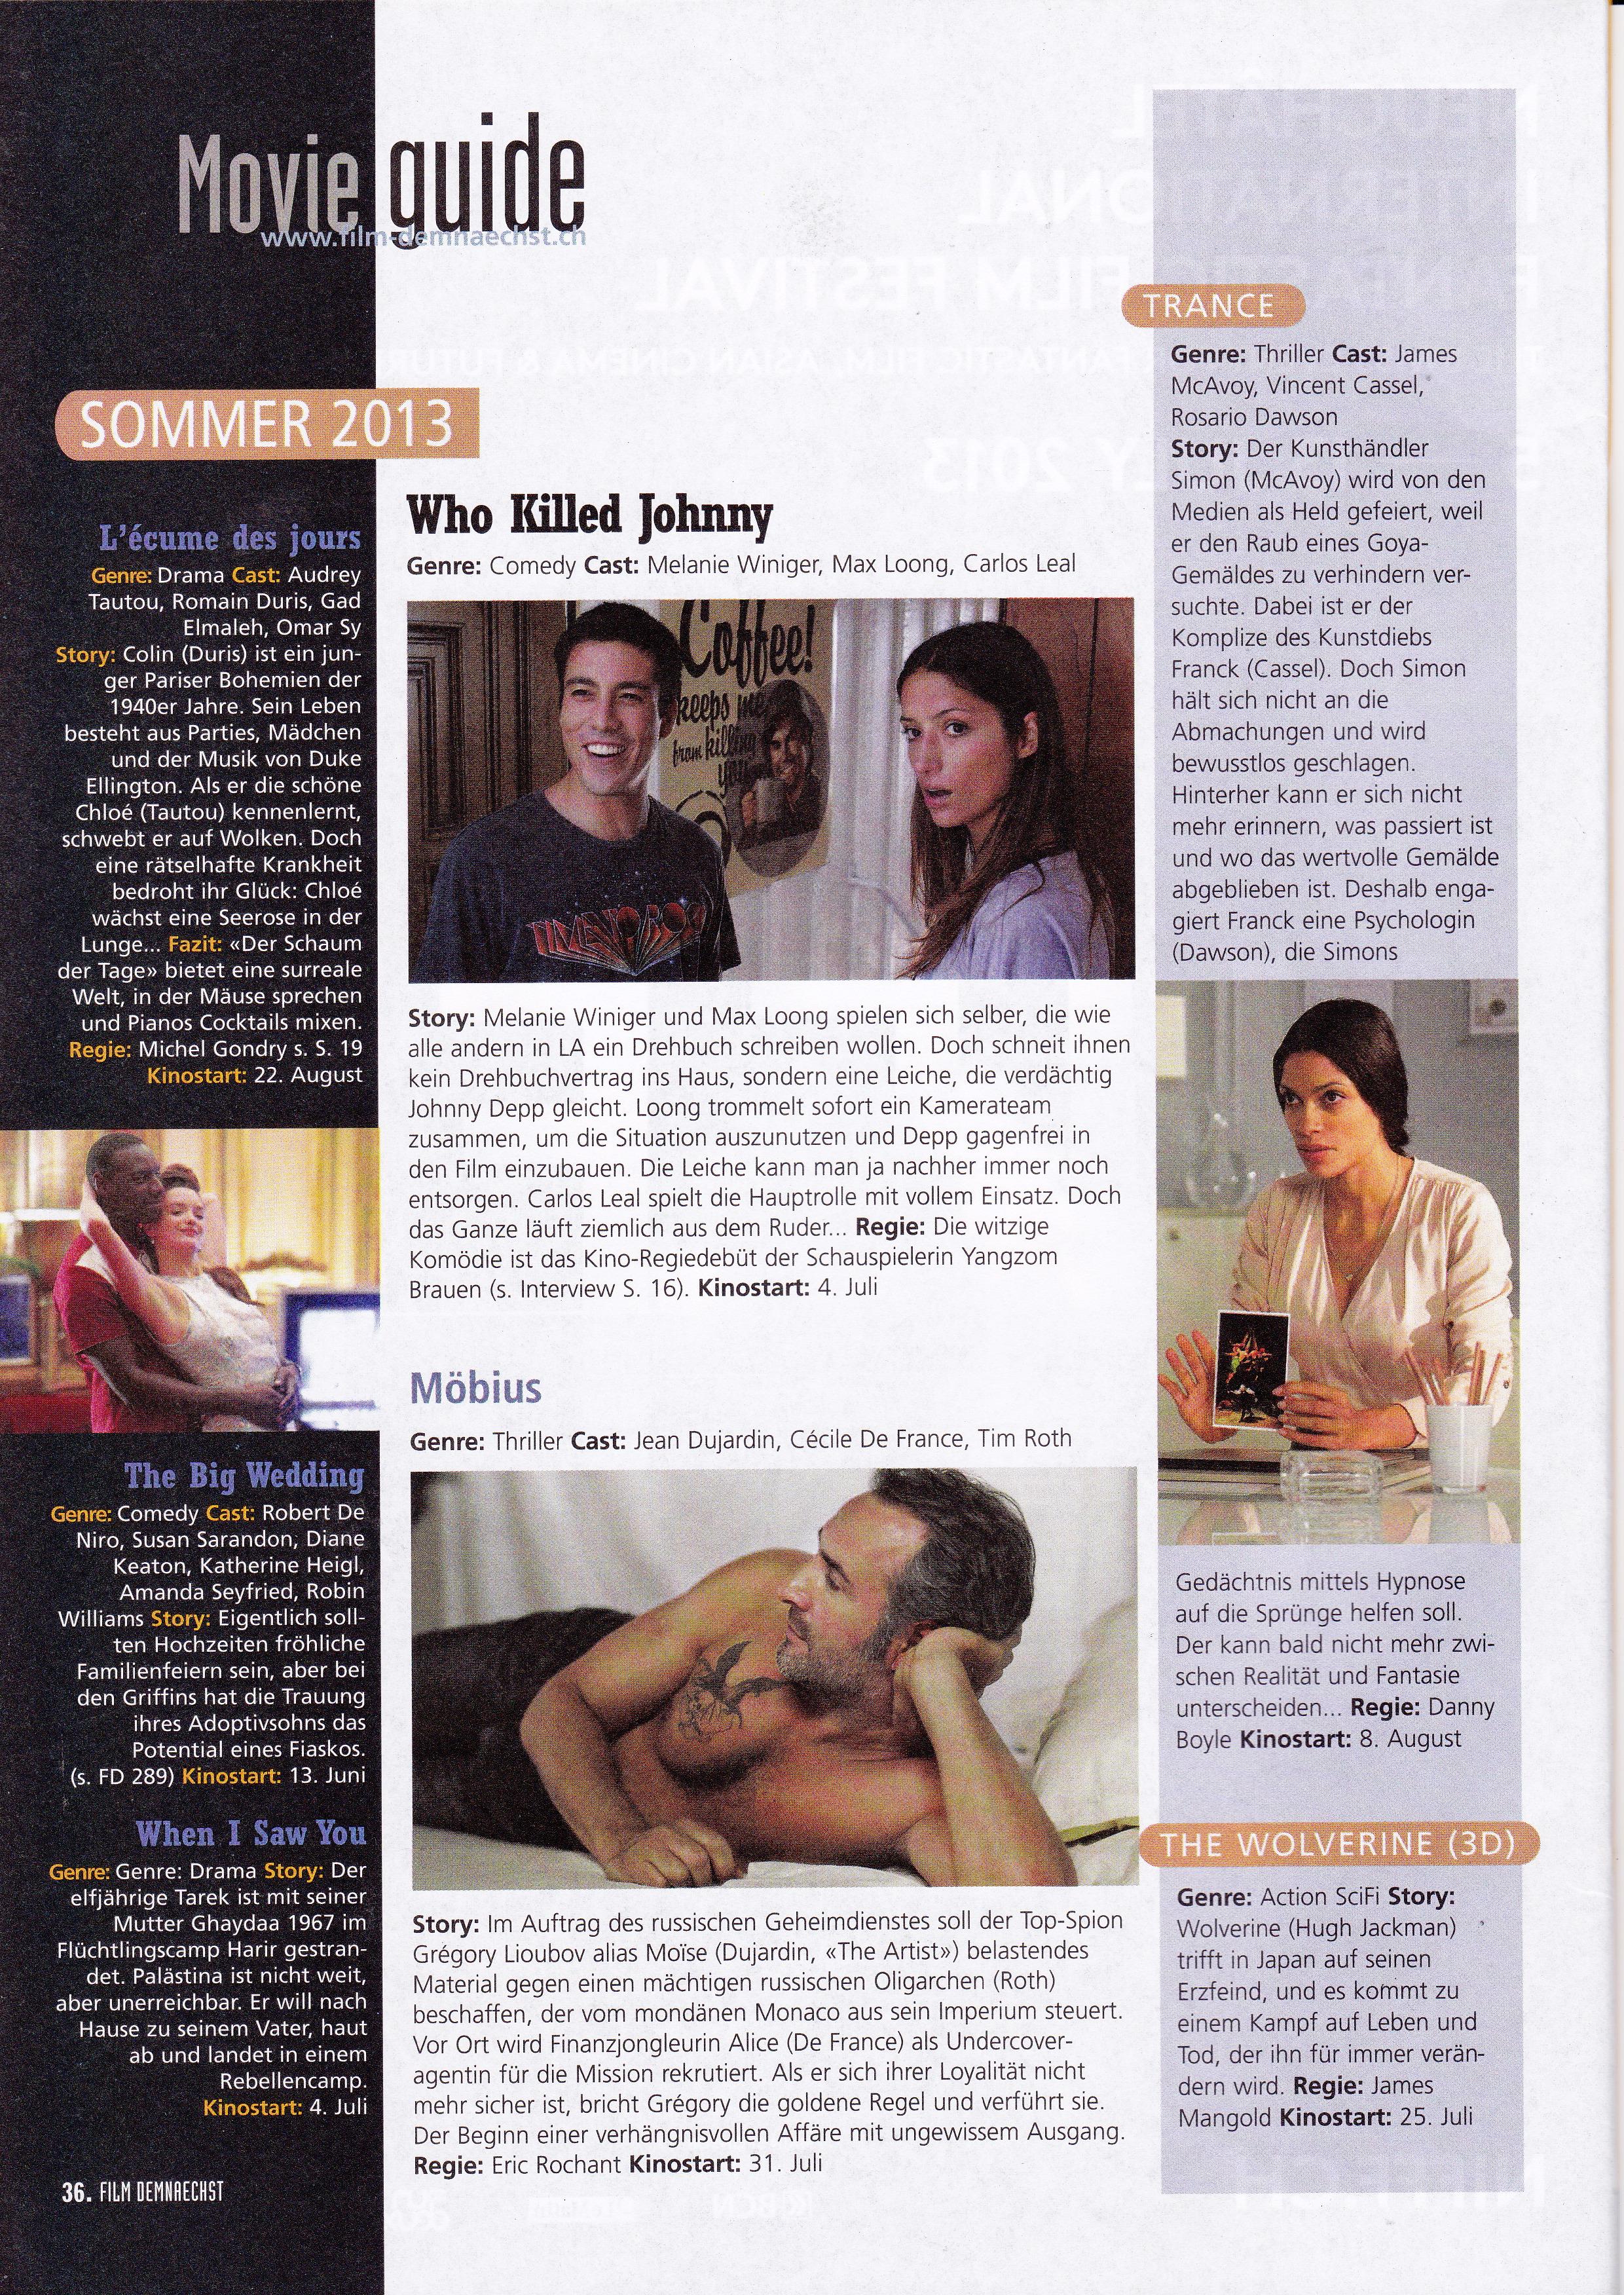 Film Demnaechst Magazine